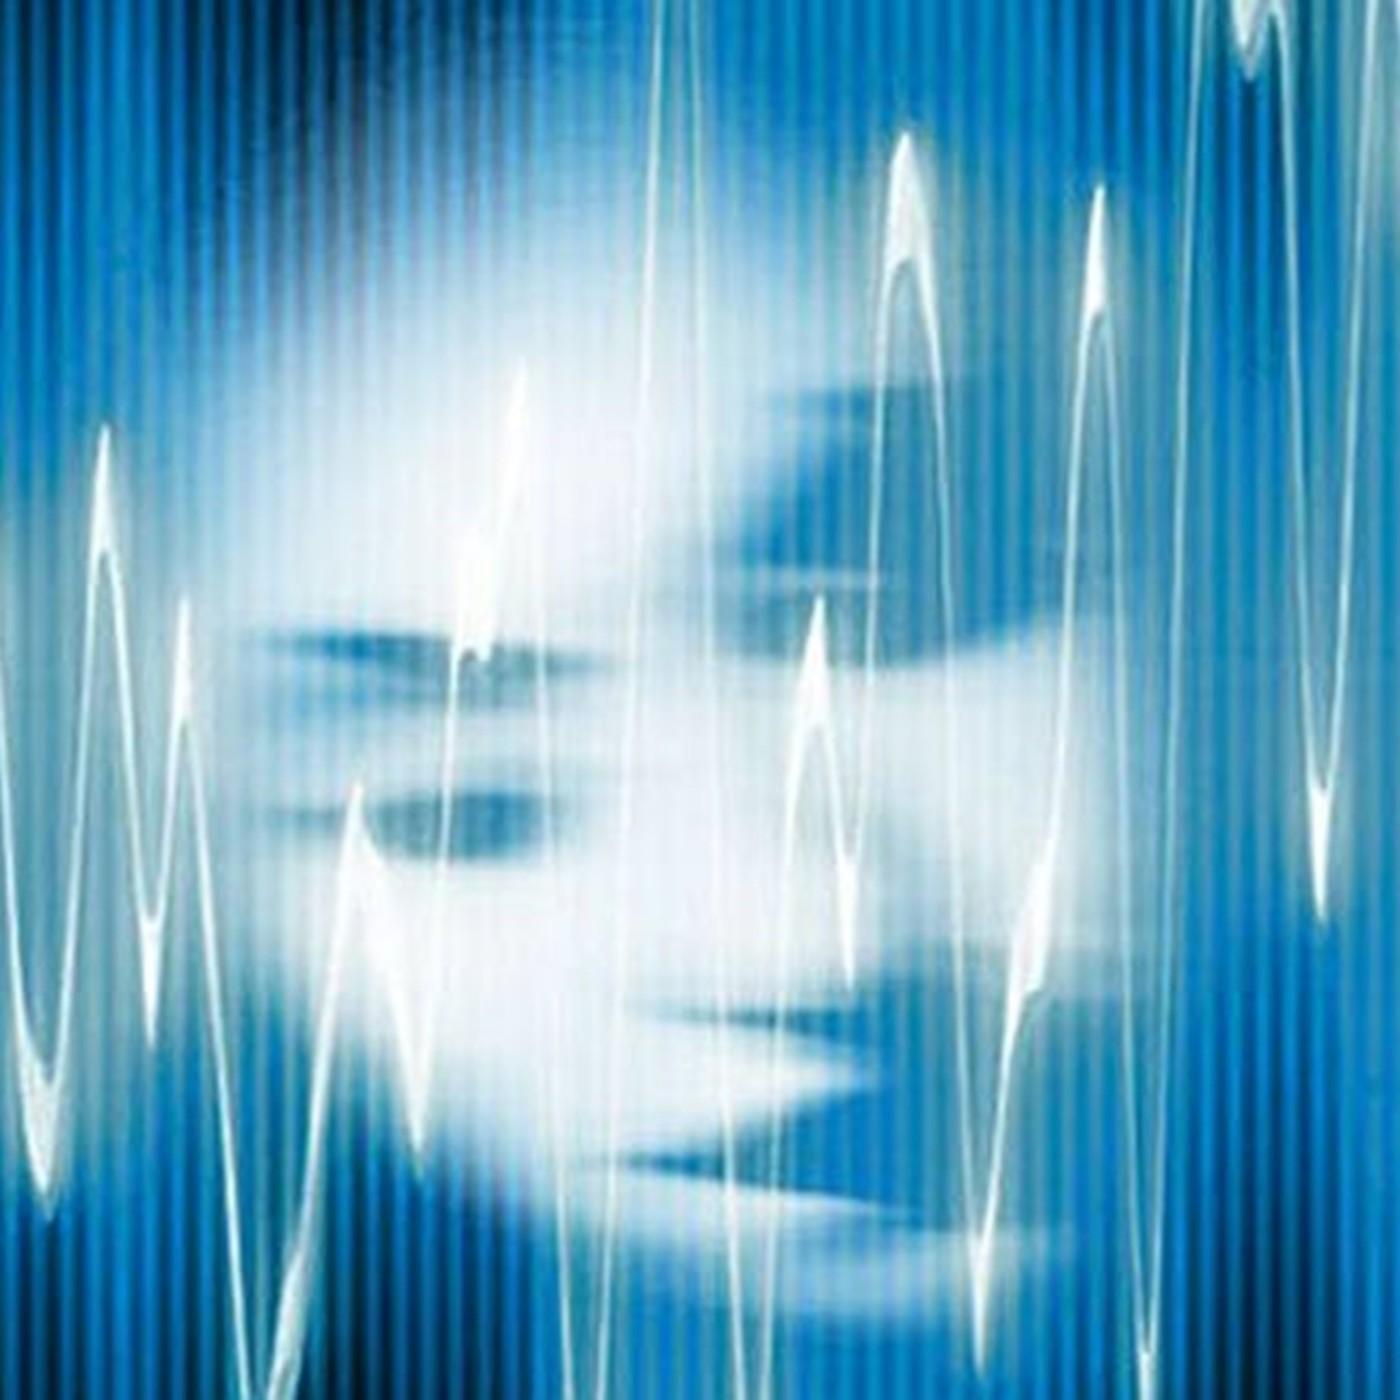 Voces del Misterio ESPECIAL 2020 nº.9: Contacto con el más allá